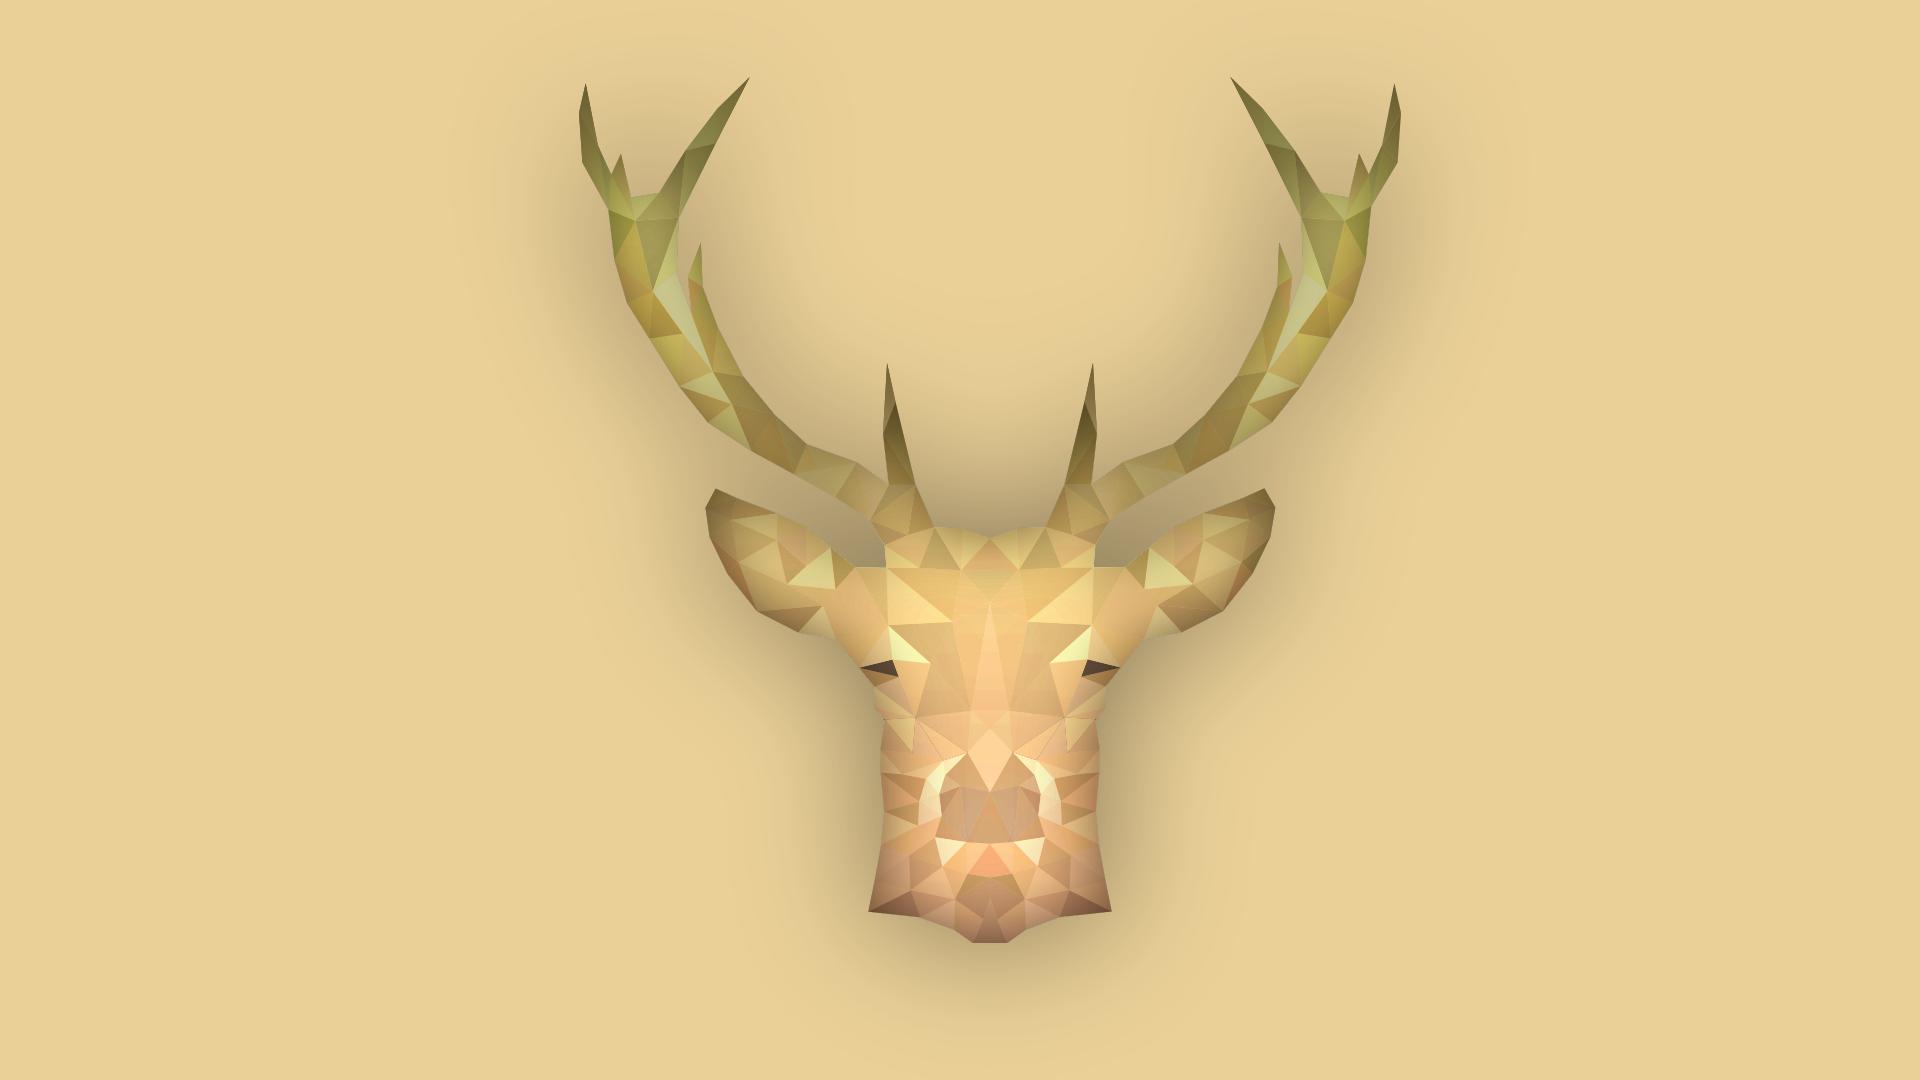 General 1920x1080 animals simple deer stags low poly simple background brown digital art artwork